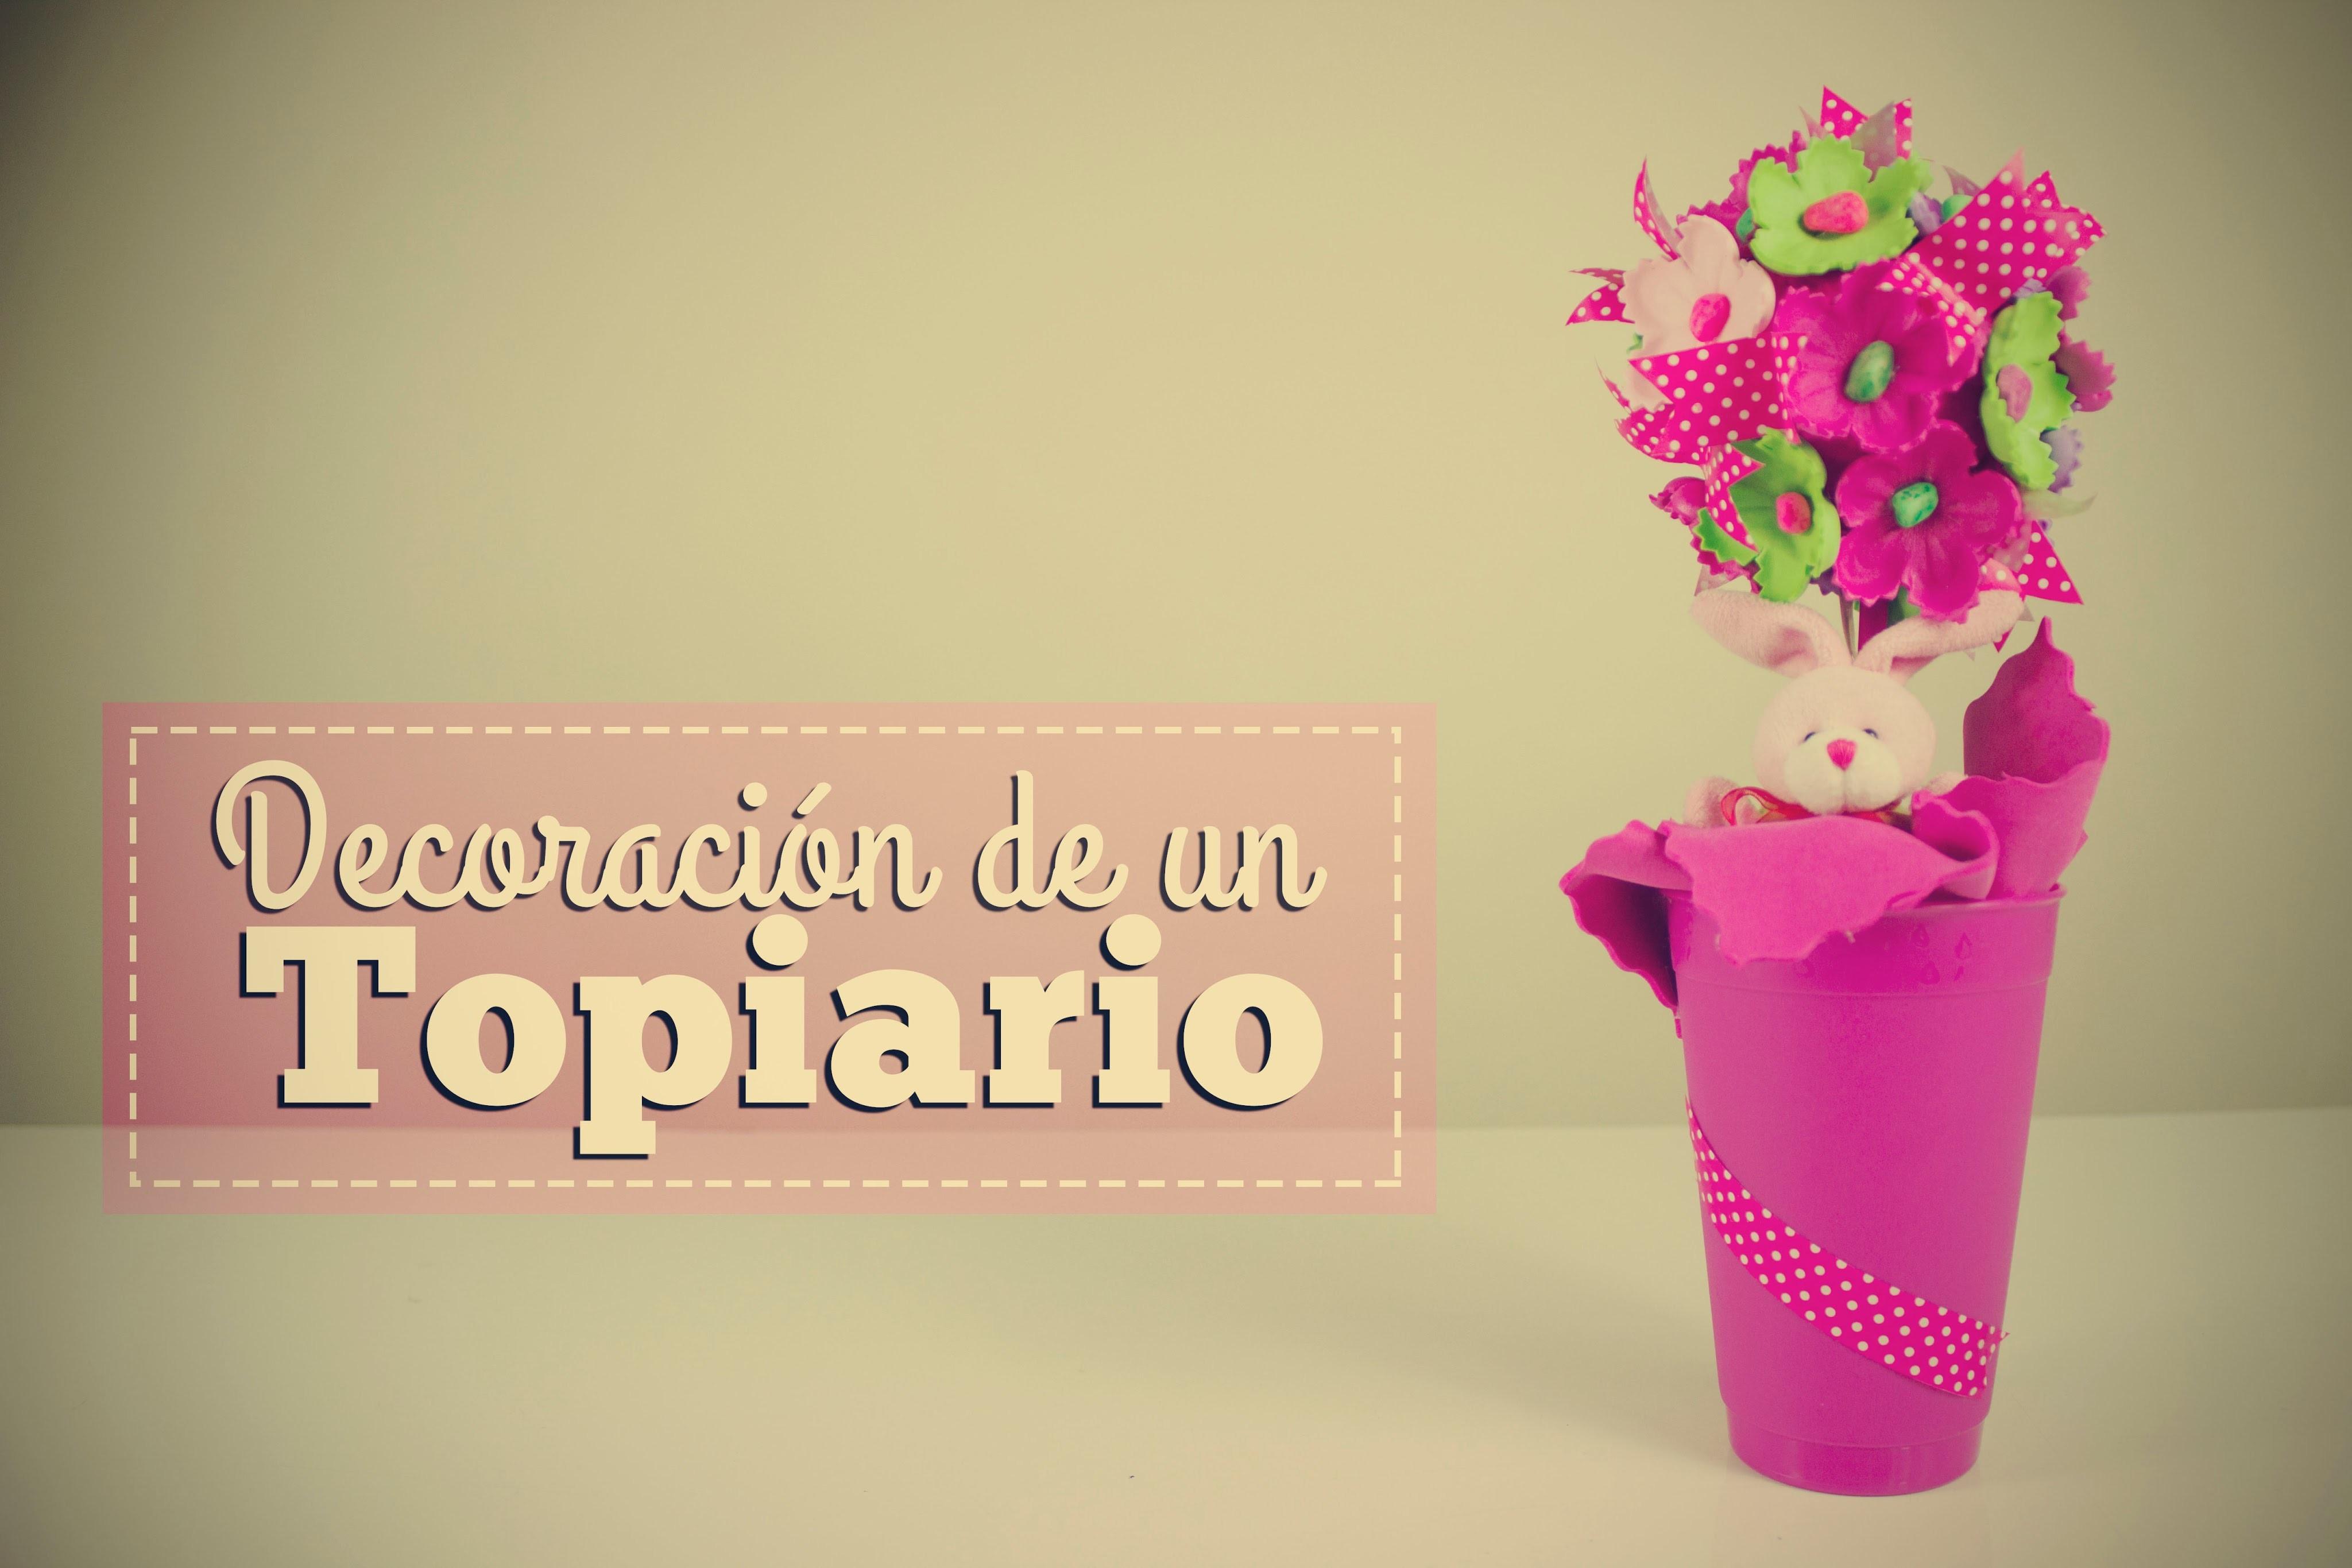 DECORANDO UN TOPIARIO. DECORATING A TOPIARY